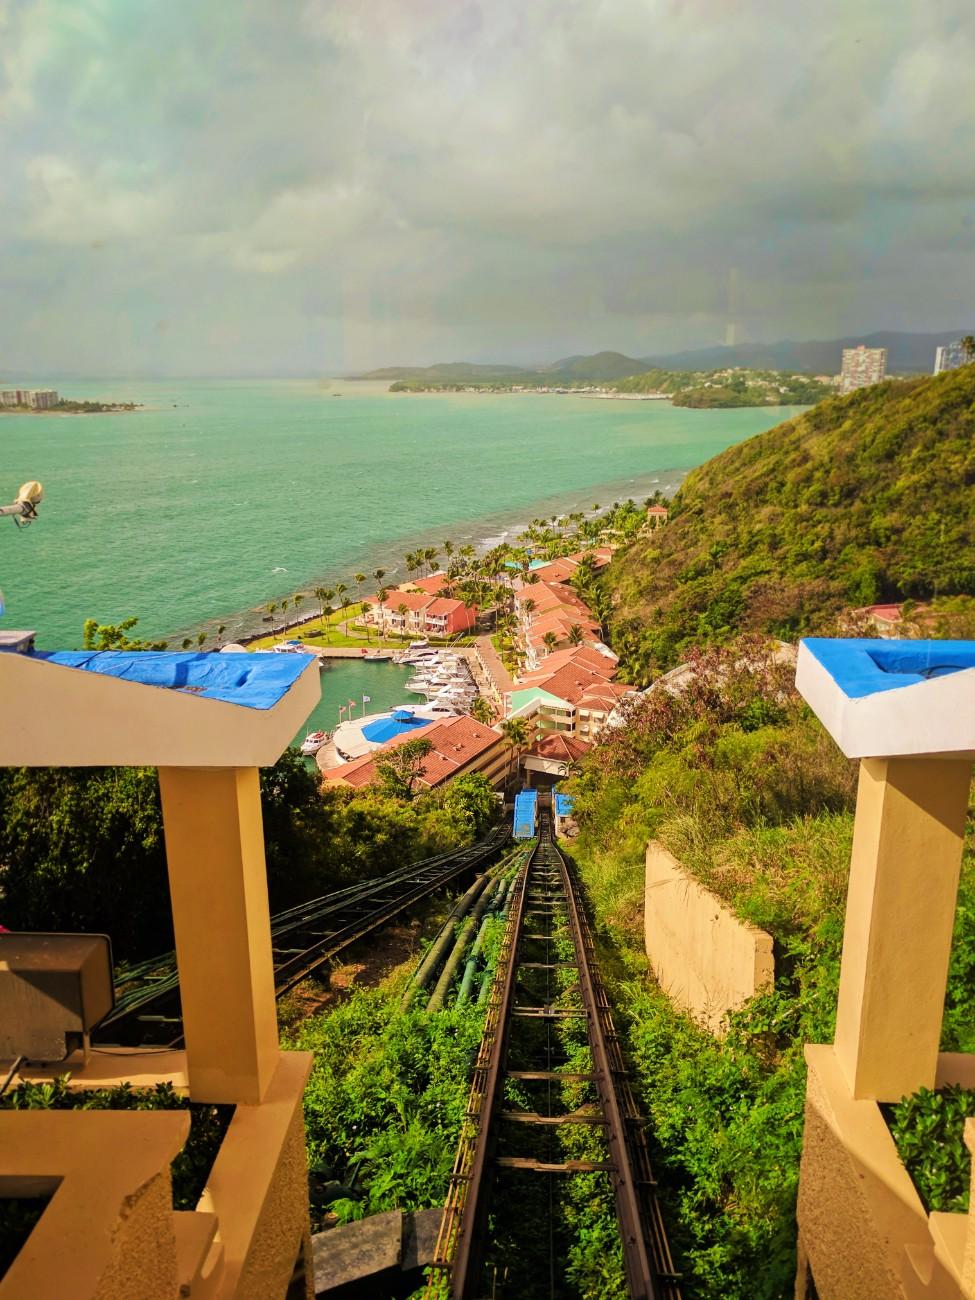 View of El Conquistador Resort from funicular Puerto Rico 1